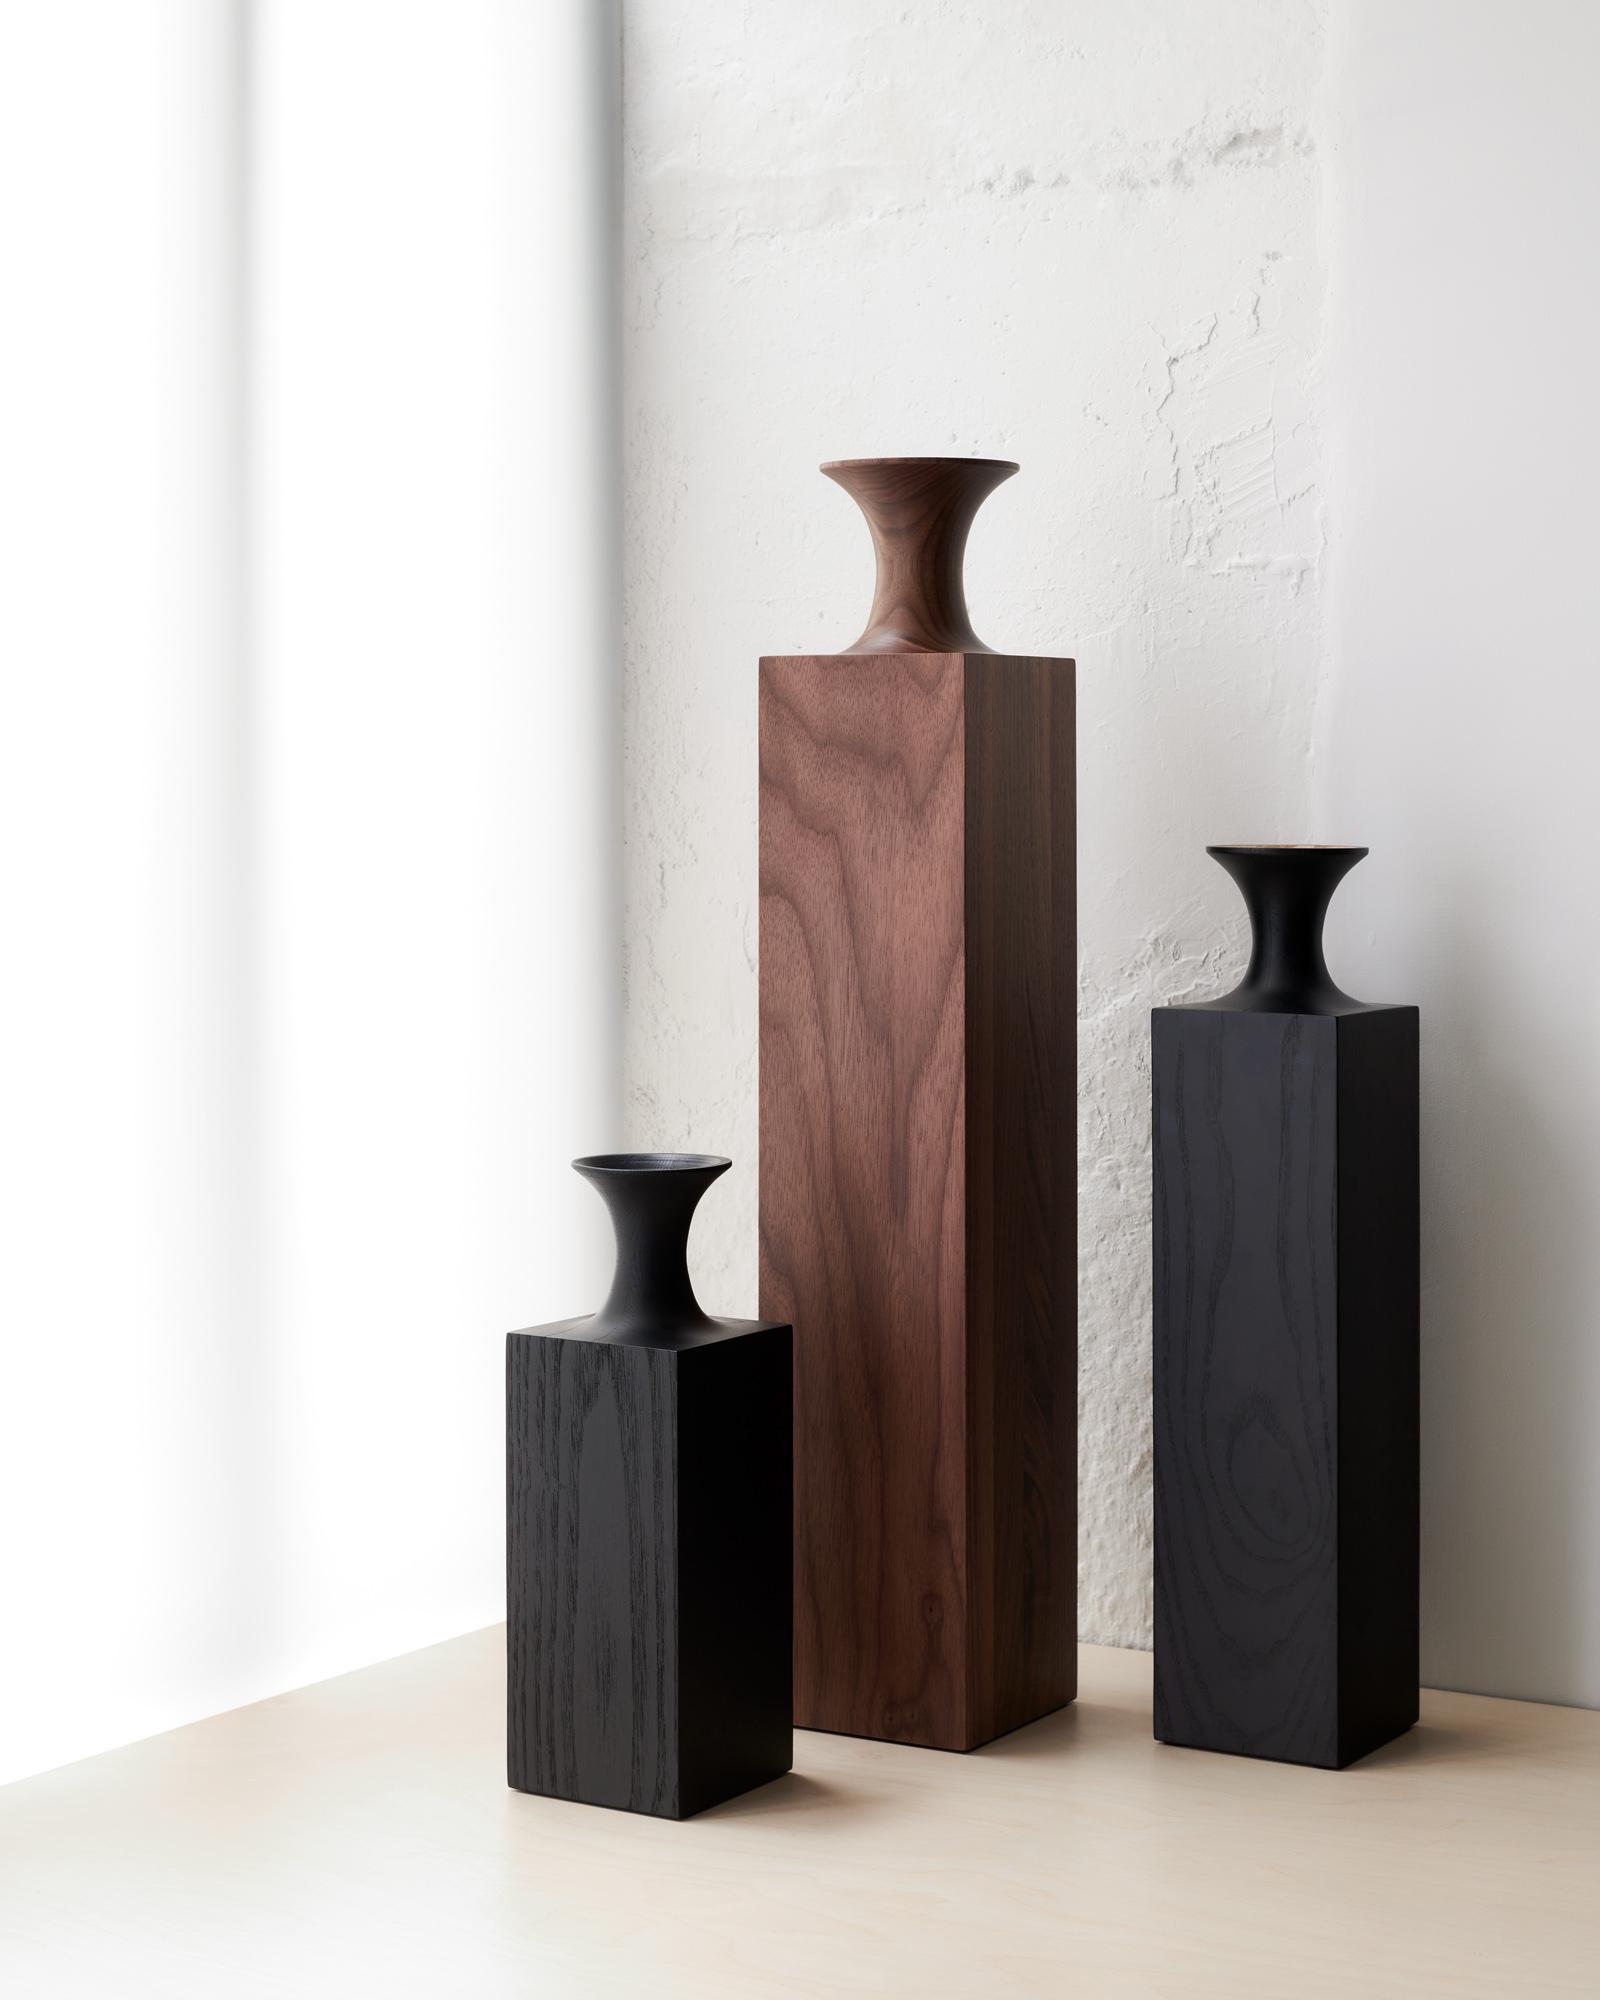 Tasso Wood Vases by Mathieu Delacroix